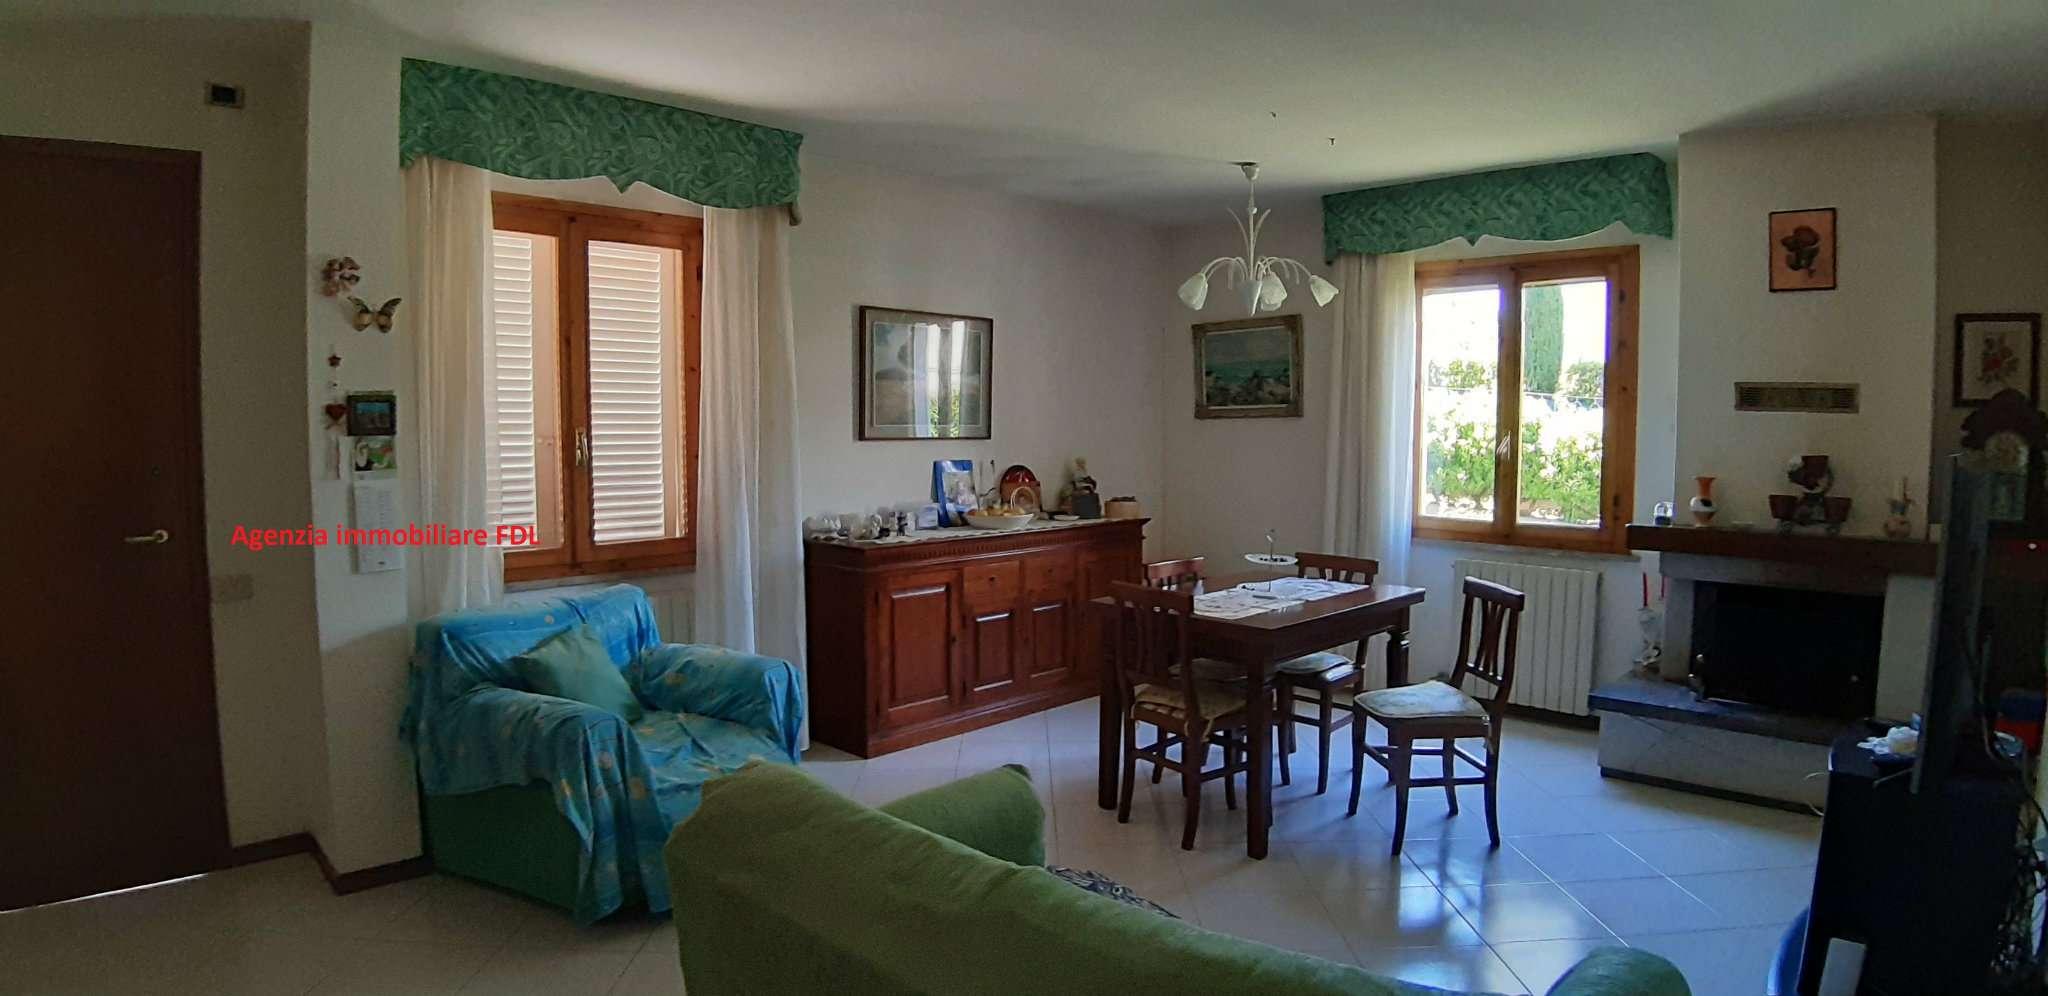 Appartamento in vendita a Casciana Terme Lari, 5 locali, prezzo € 149.000 | PortaleAgenzieImmobiliari.it